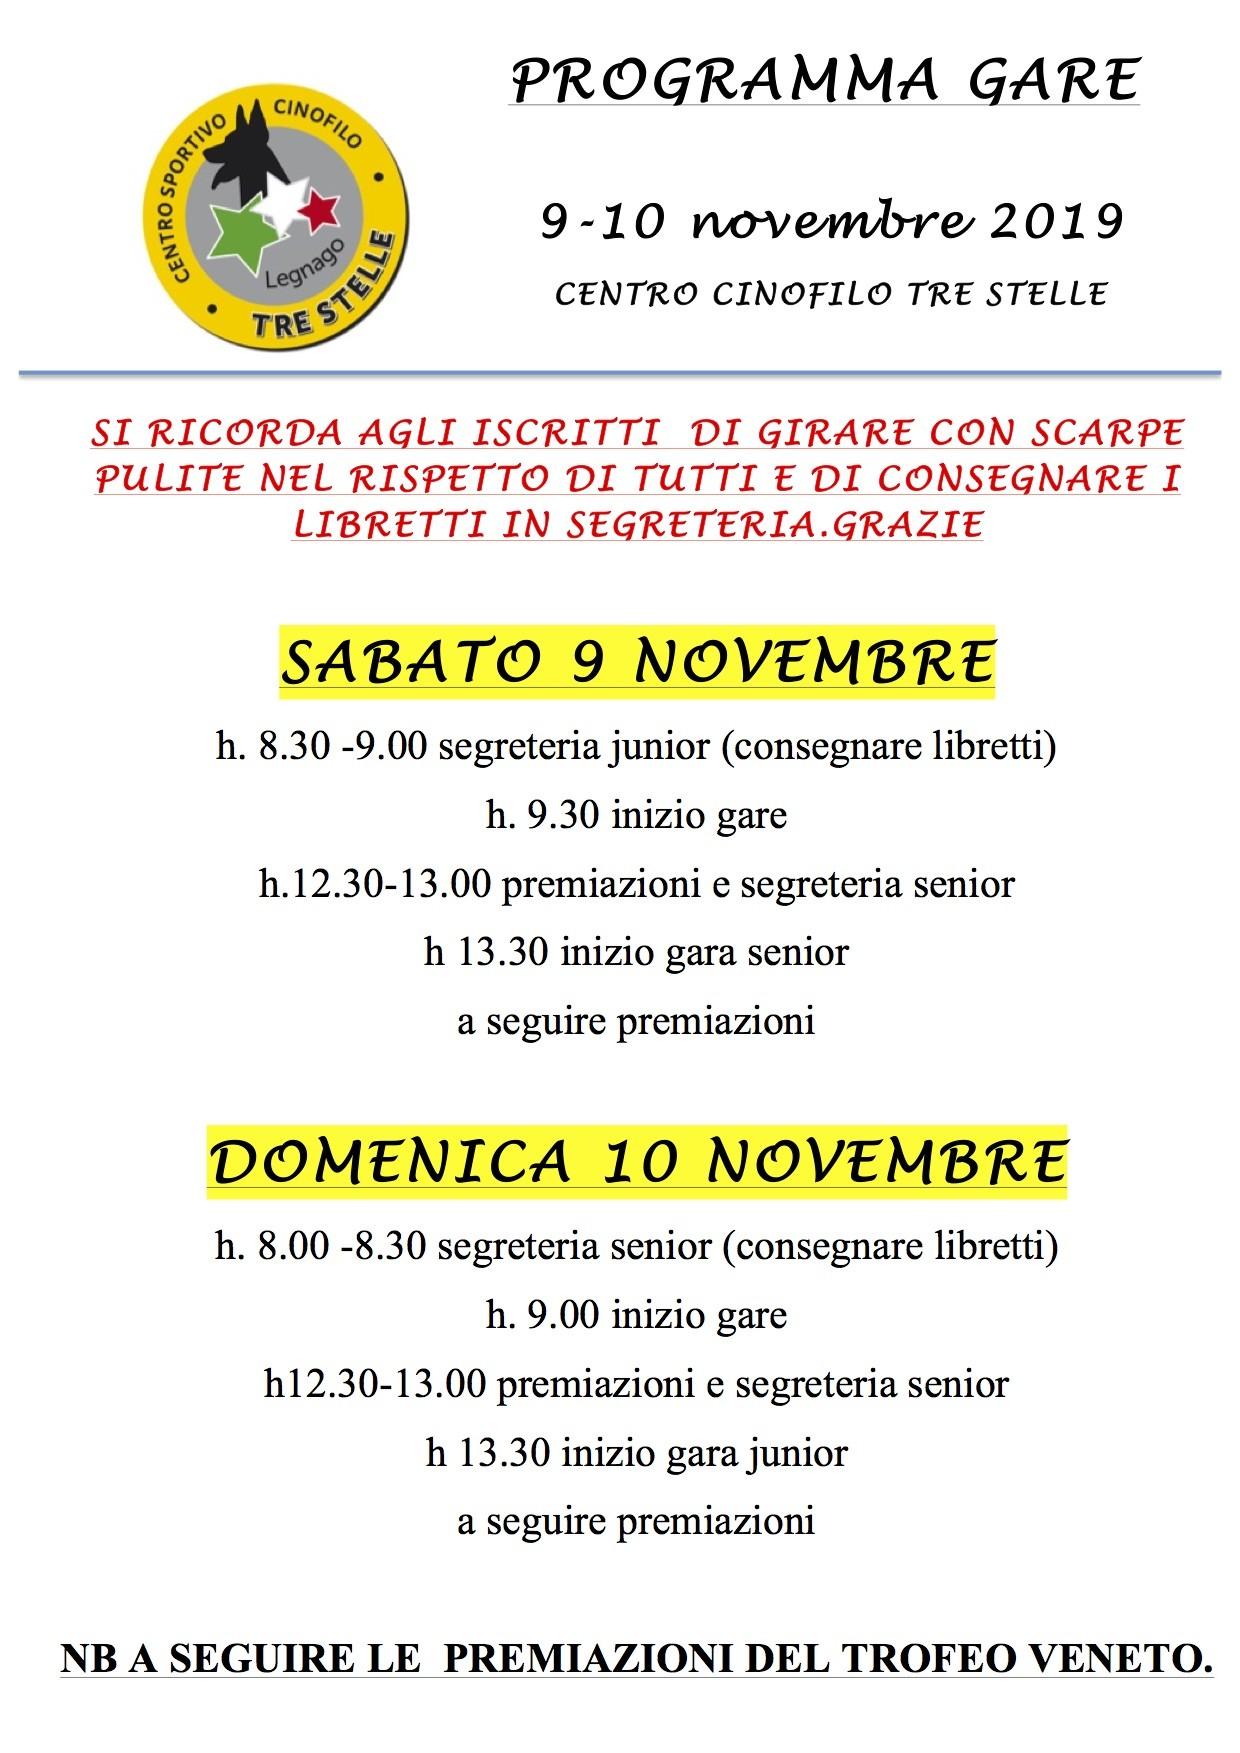 CCTS Legnago, 10 novembre 2019